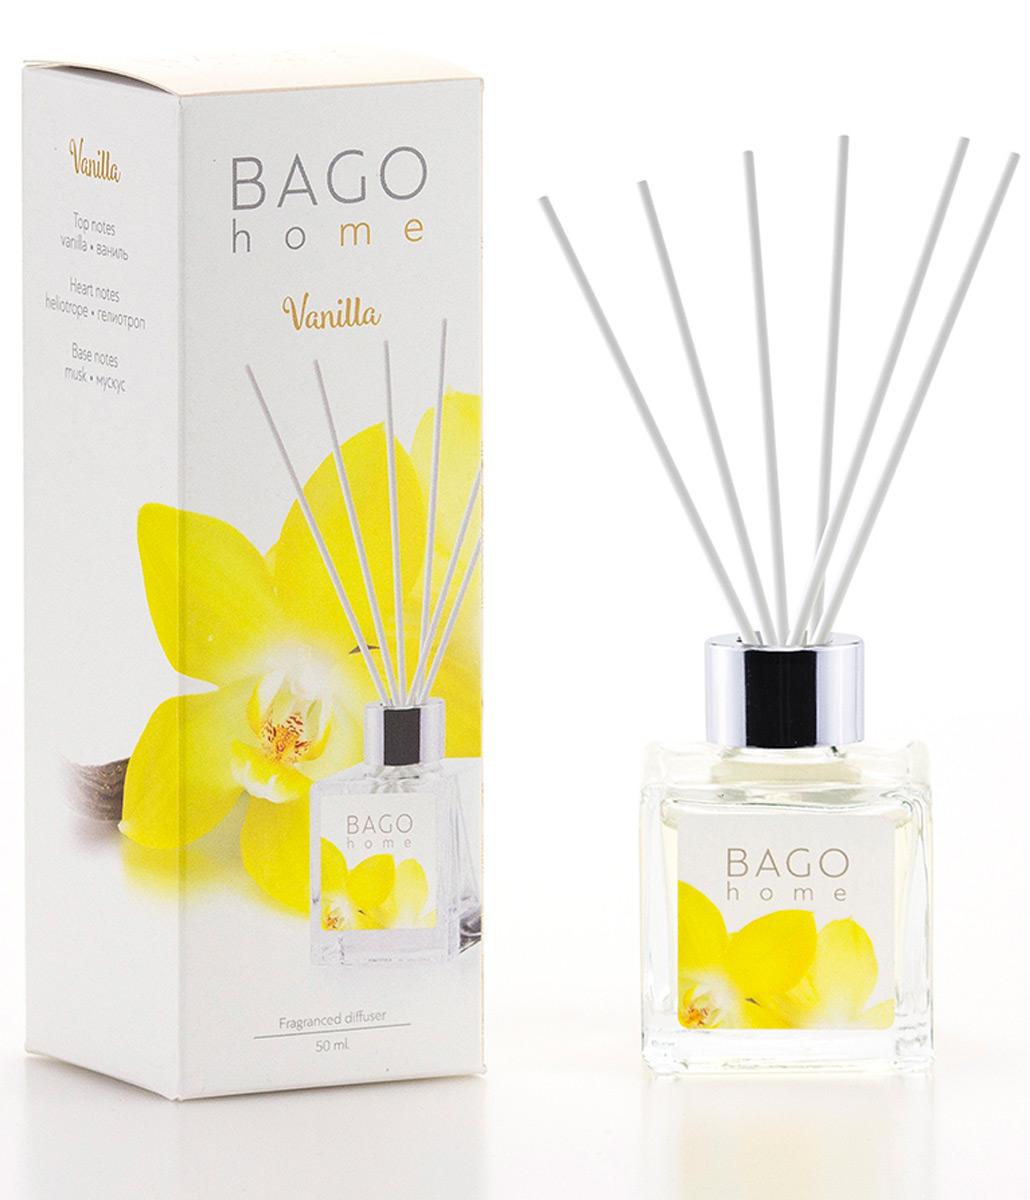 Мини-диффузор ароматический BAGO home